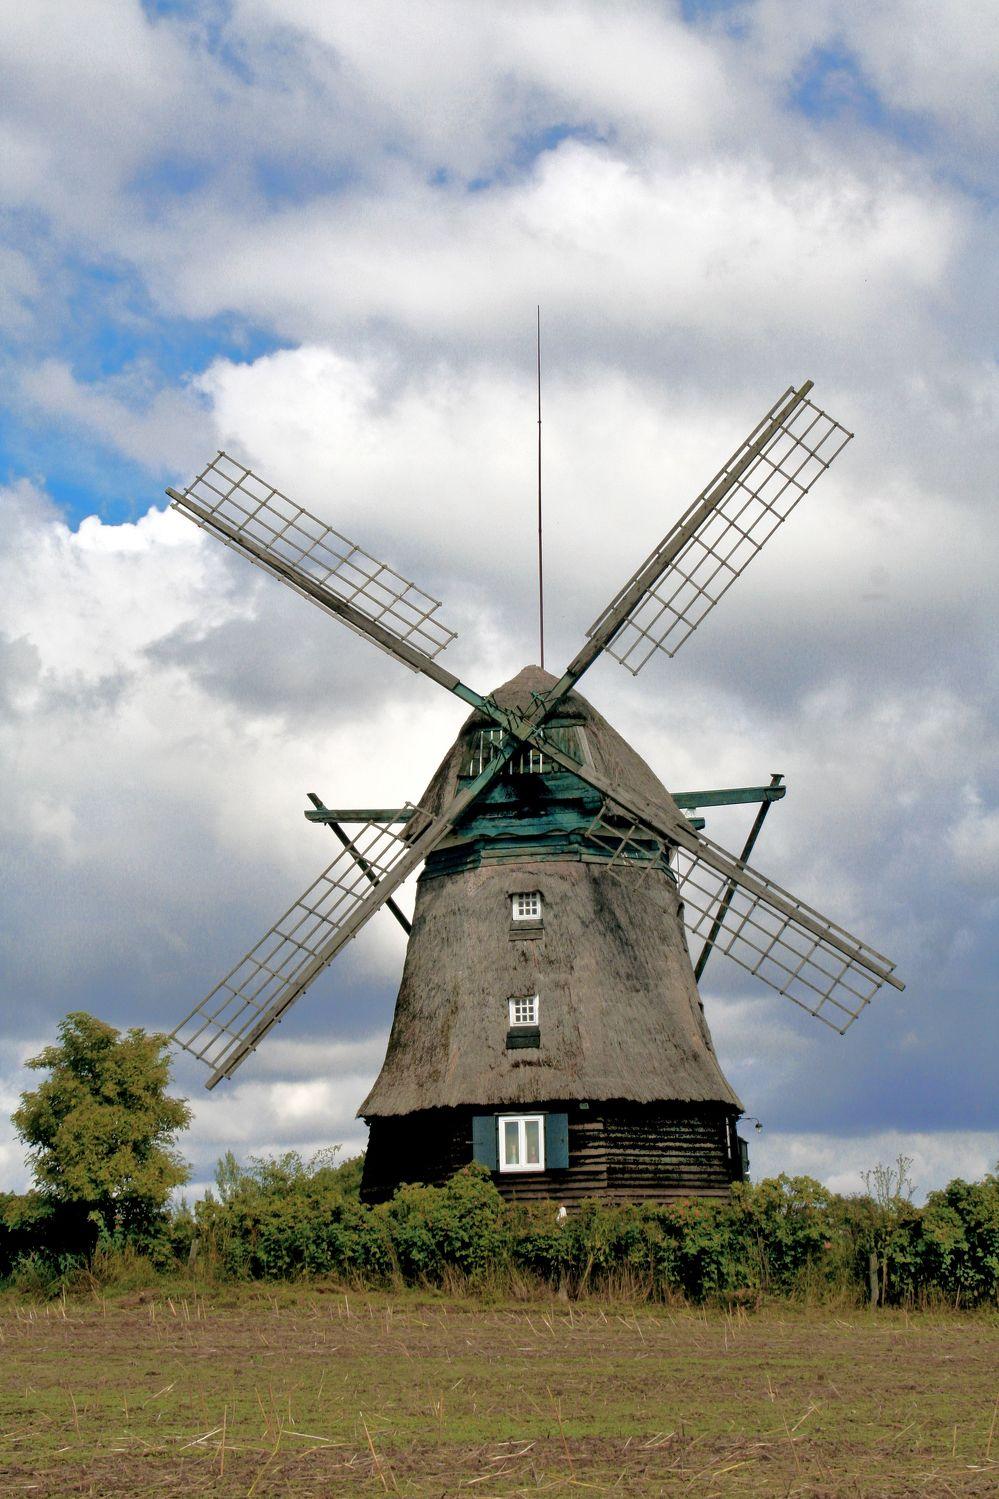 Bild mit Natur, Himmel, Orte, Siedlungen, Architektur, Bauwerke, Gebäude, Ländliche Gebiete, Industrie, Mühlen, Windmühlen, Windparks